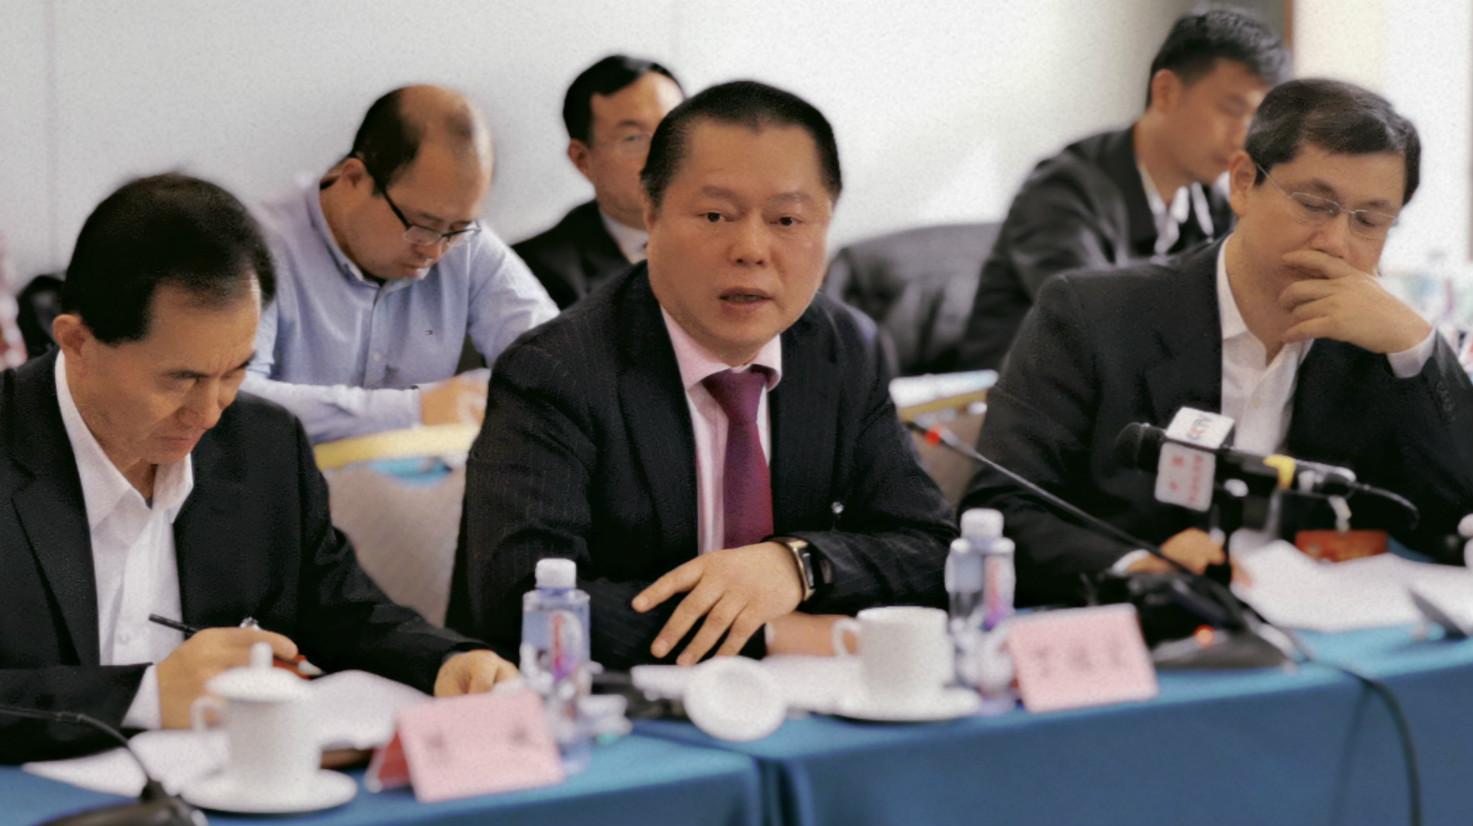 全国政协委员丁佐宏:需做好工业互联网建设的顶层设计 制定引导扶持政策